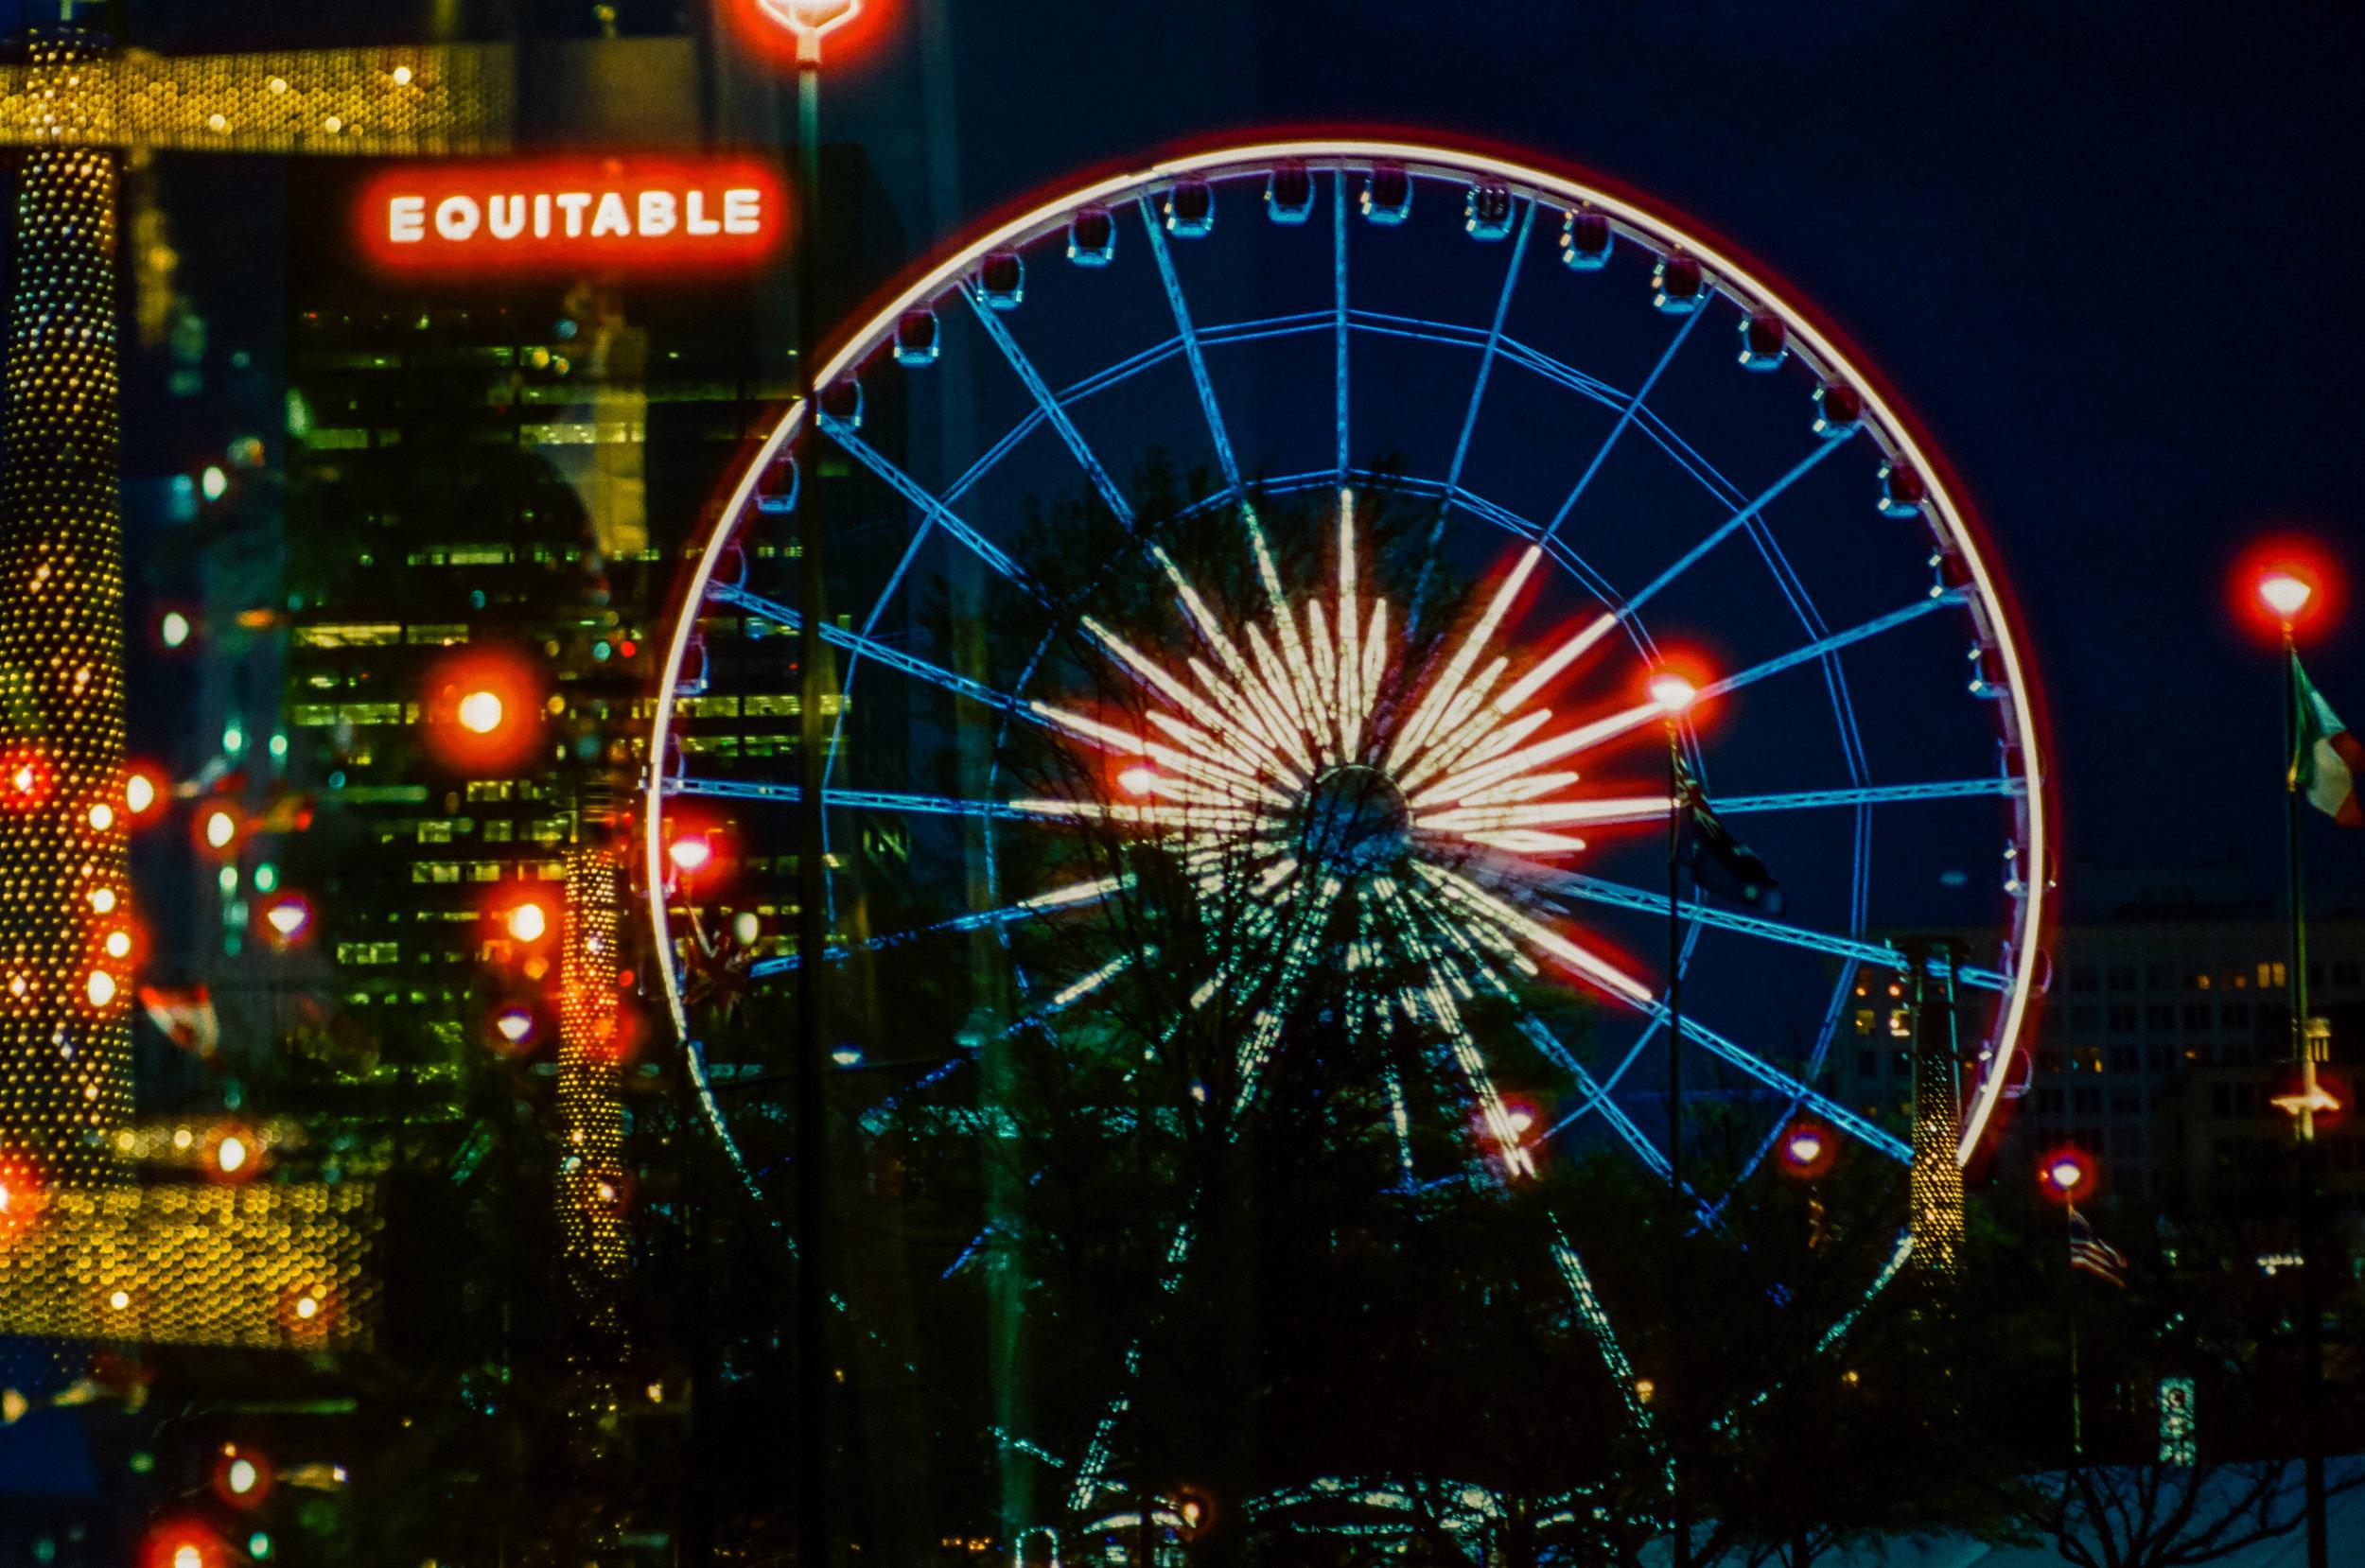 Atlanta Nights | Pentax Spotmatic F | Super Takumar 50mm F1.4 | Cinestill 800T | Michael Fauscette